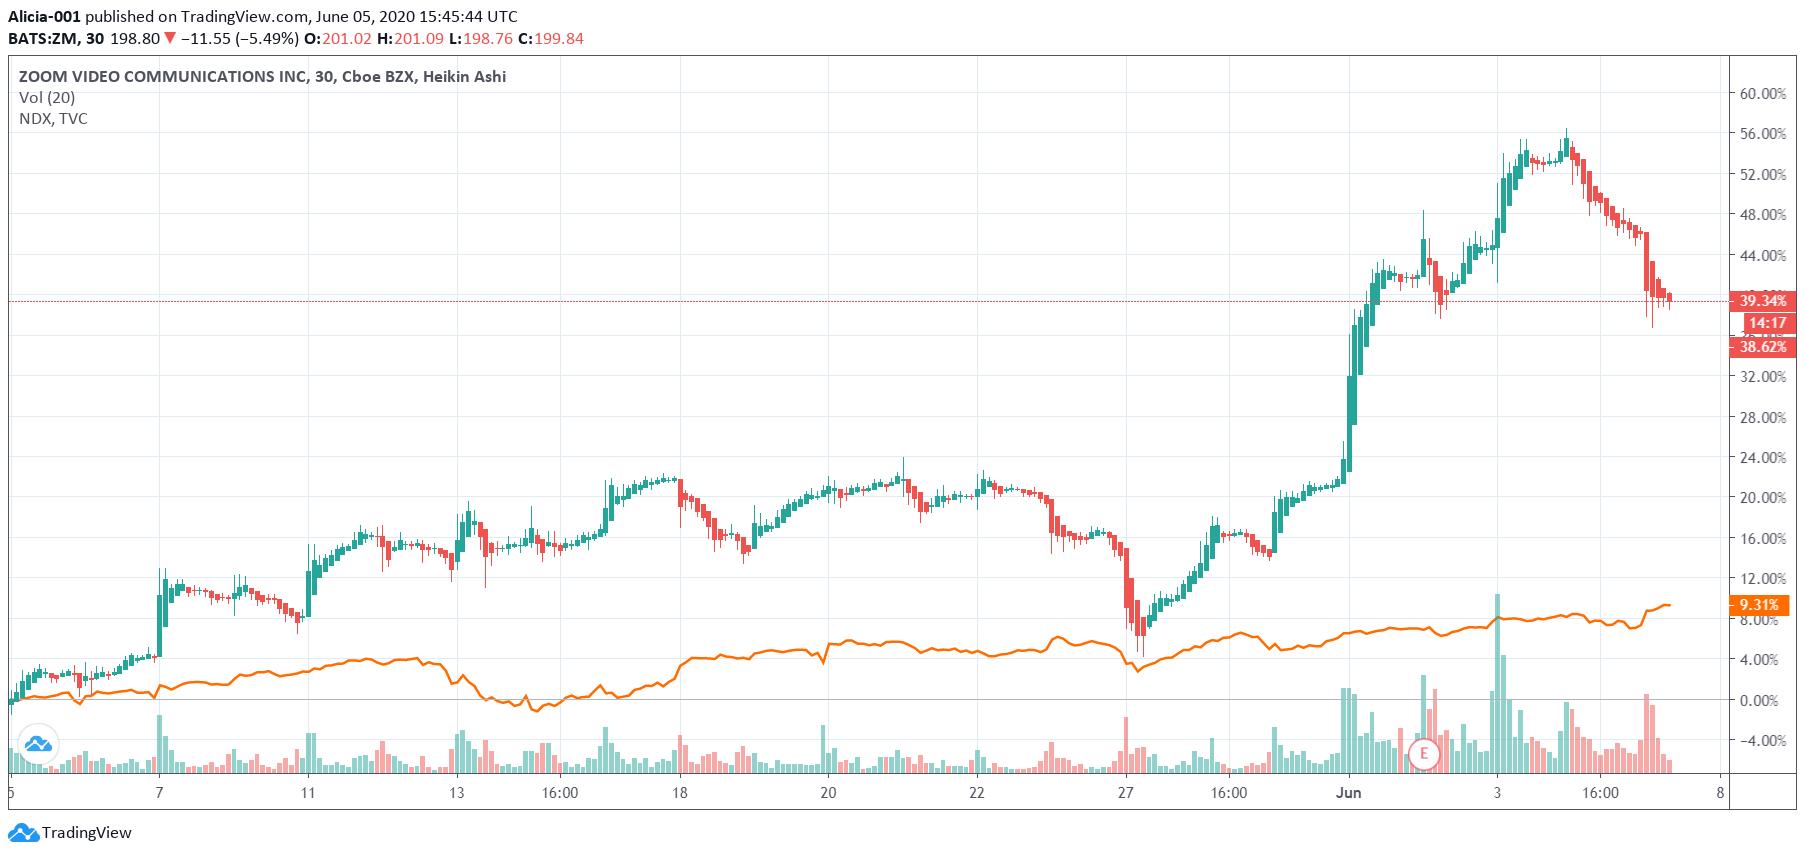 株価 掲示板 ズーム